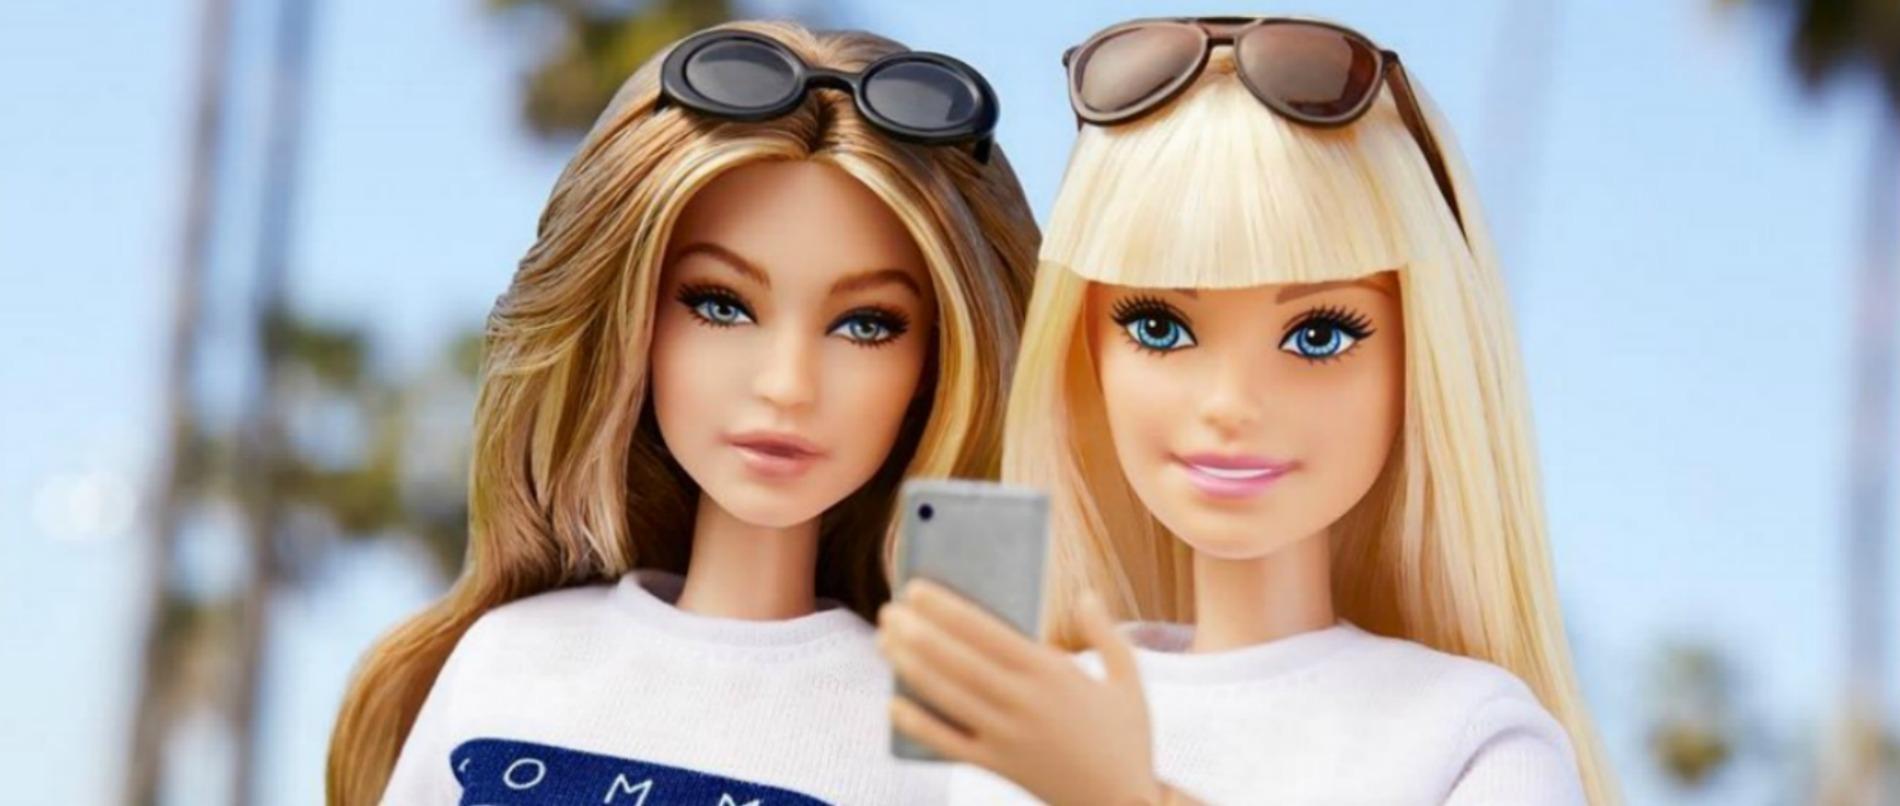 Les Jours De Barbi : Gigi hadid s offre sa poupée barbie habillée par tommy